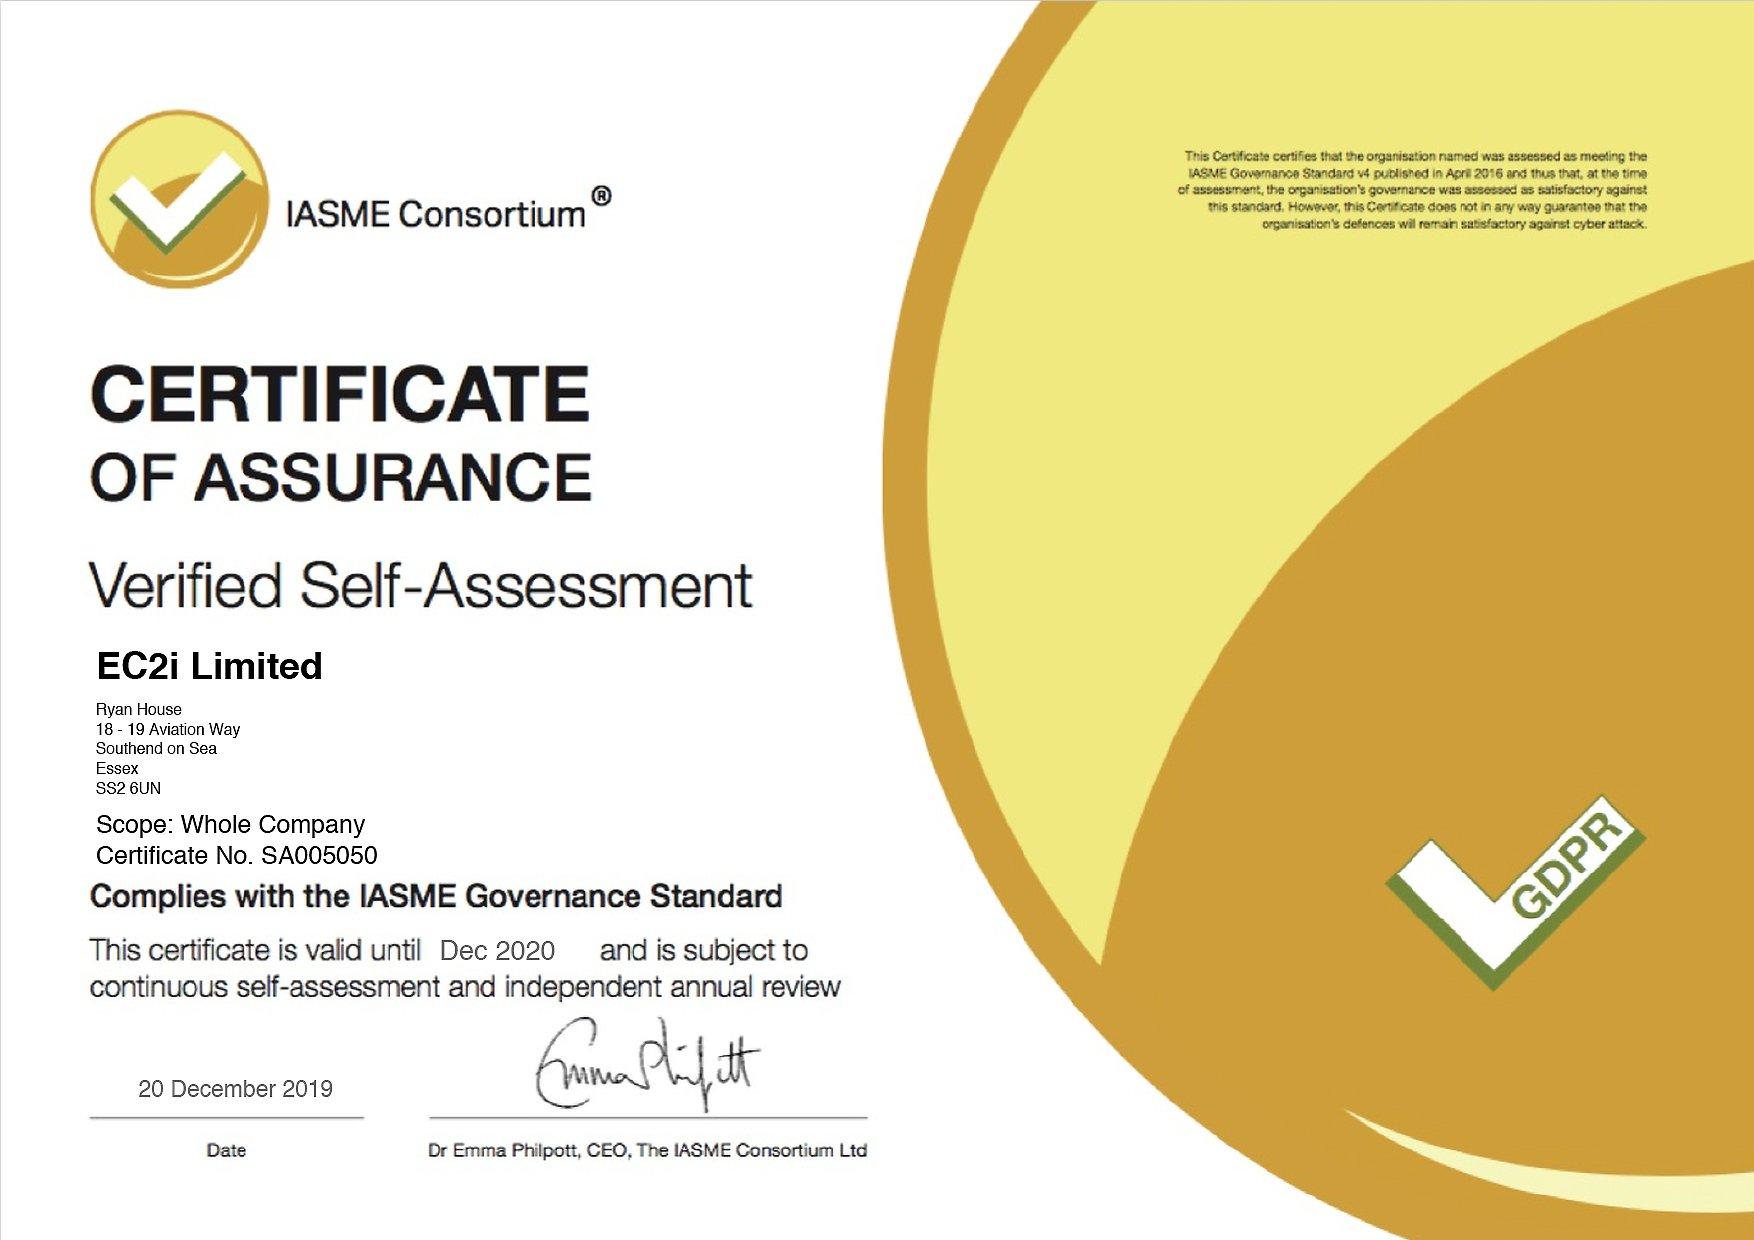 IASME_Certificate